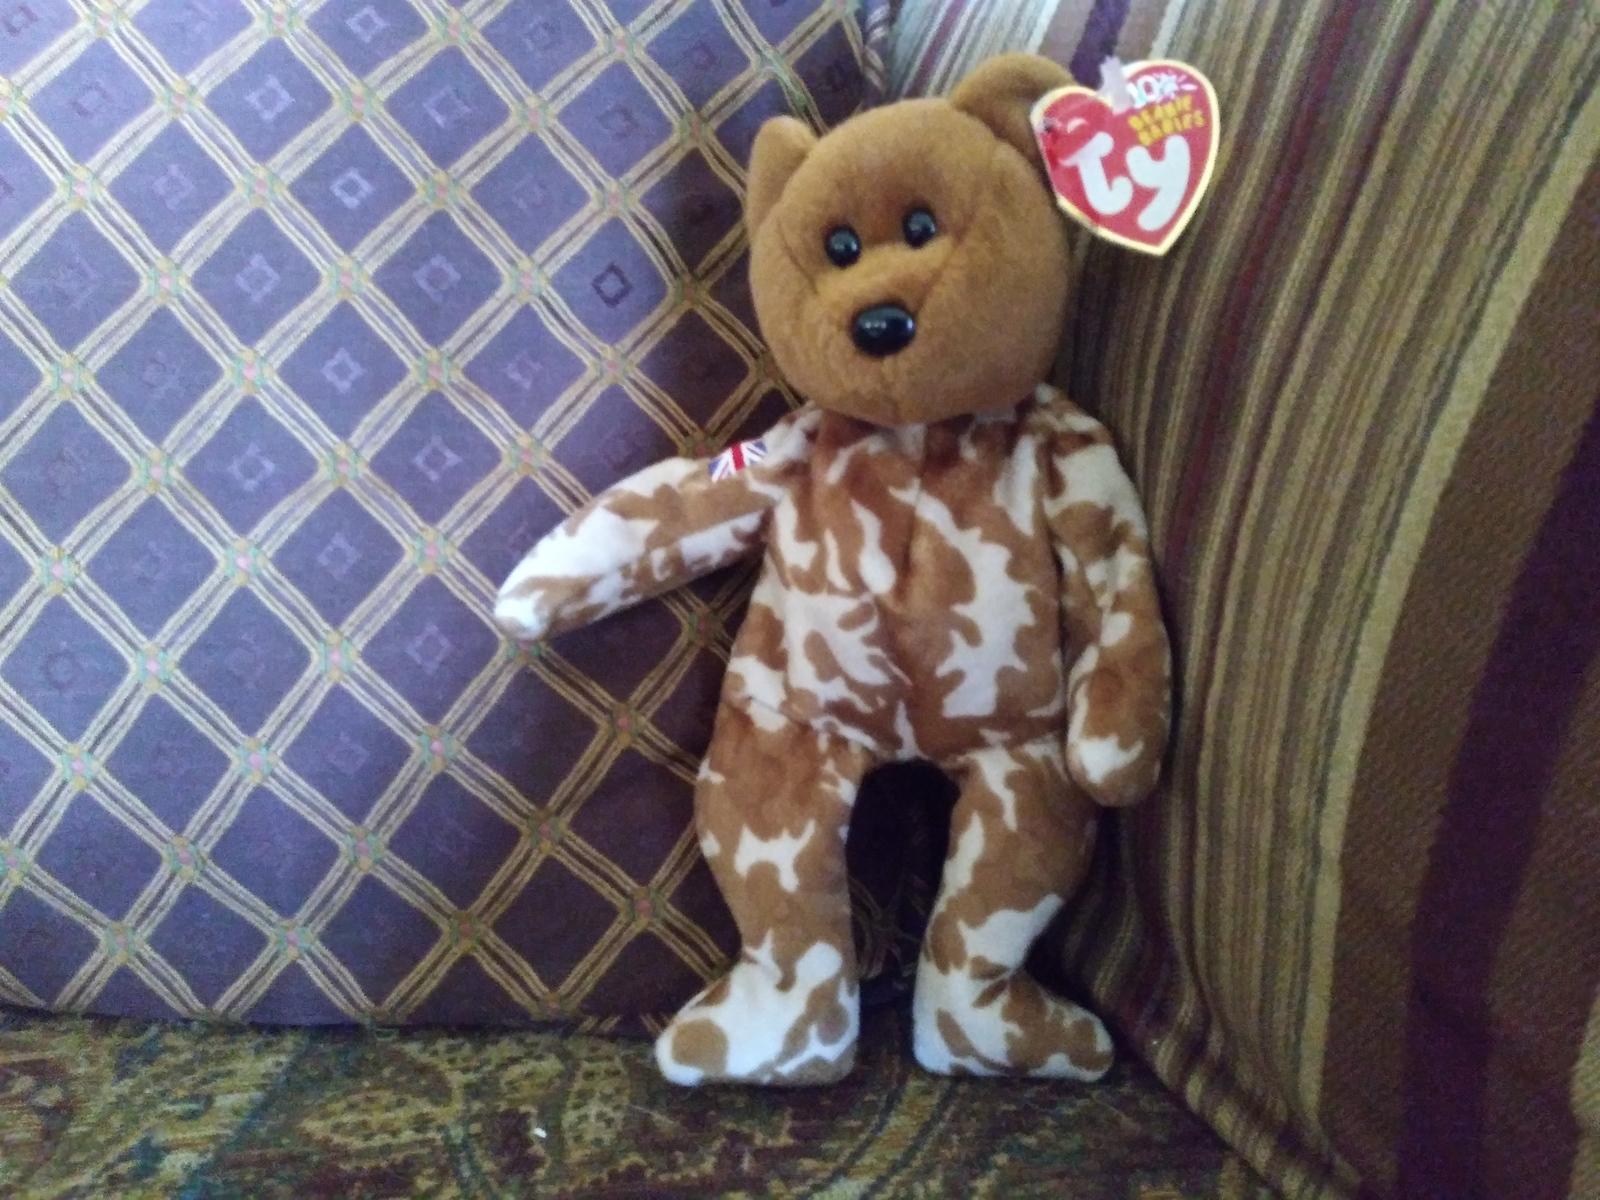 Ty Beanie Baby Hero Military UK Teddy Bear Stuffed Animal Plush